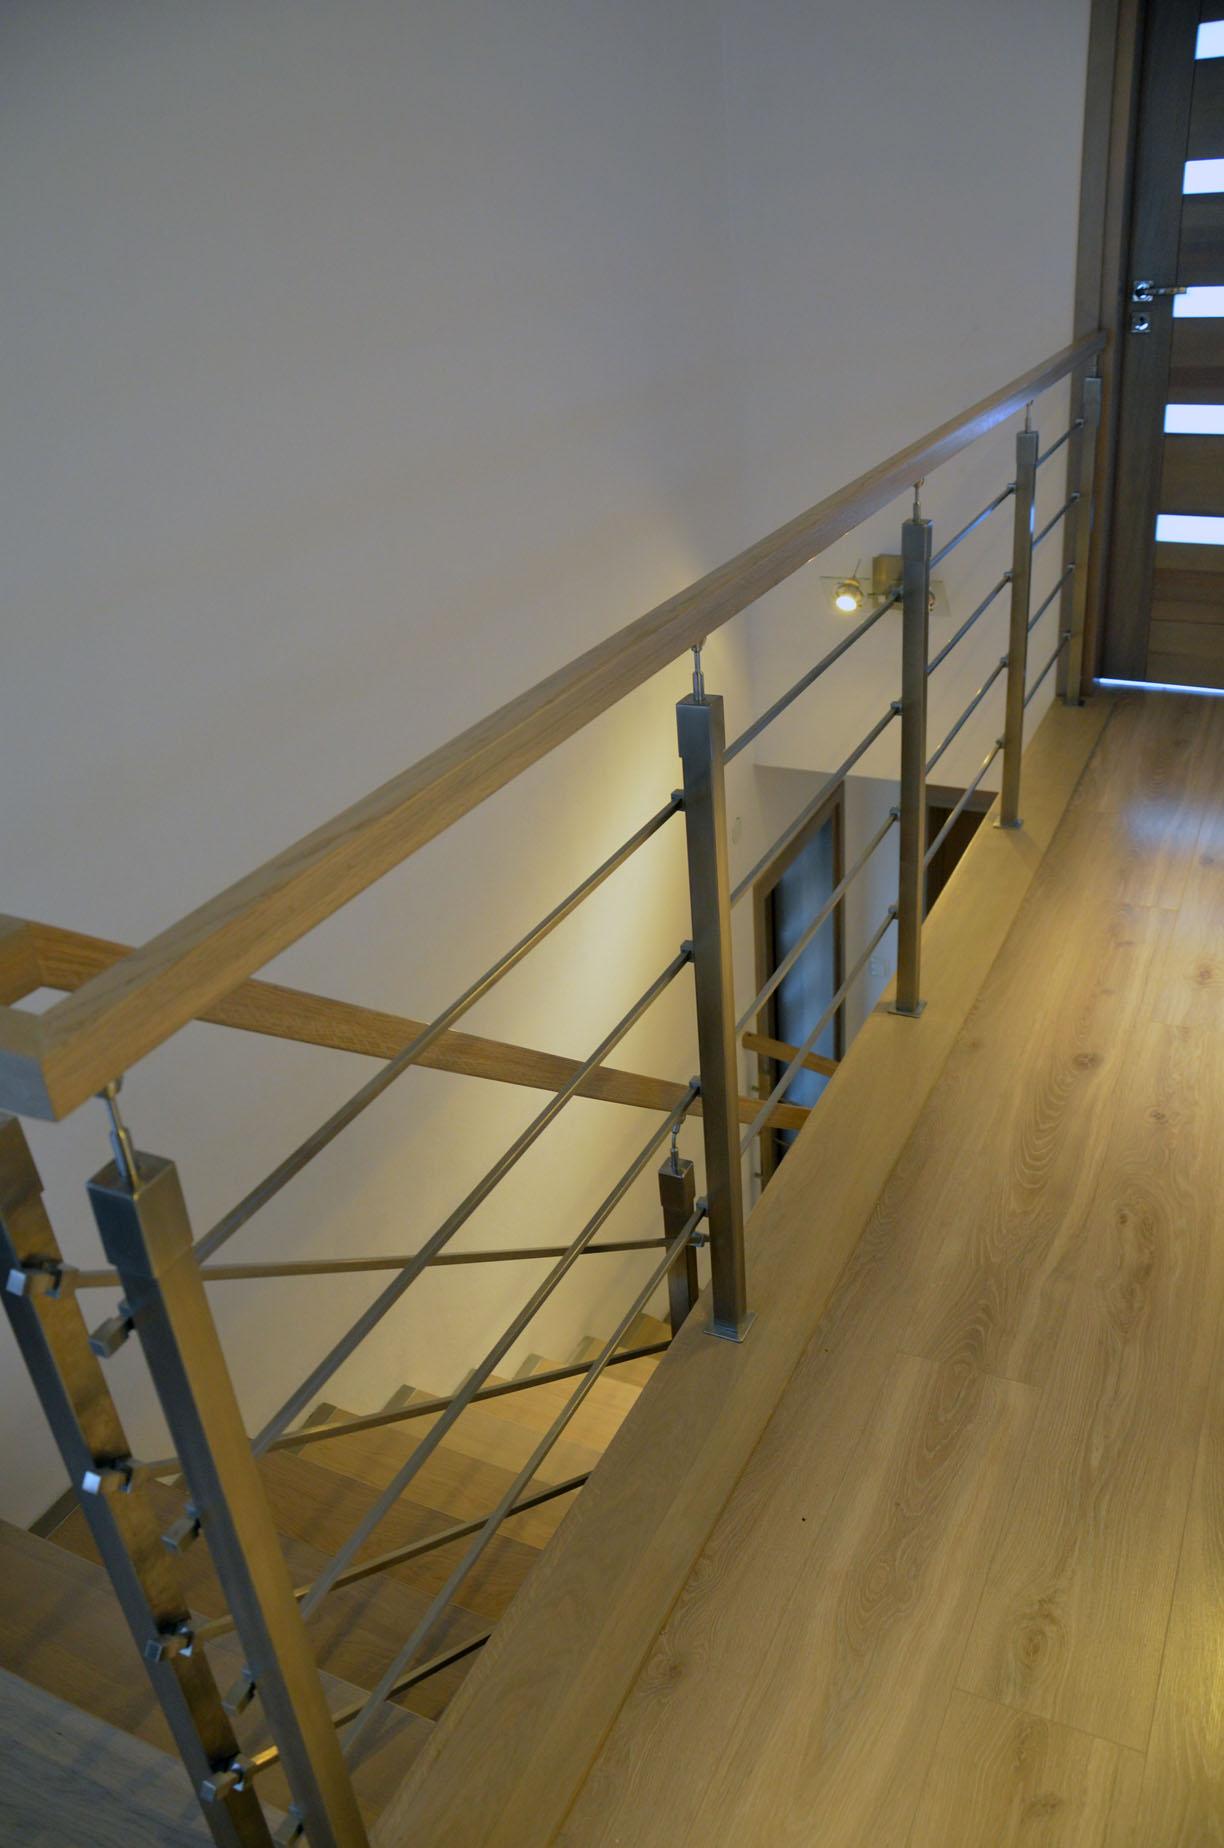 schody-na-konstrukcji-metalowej-5